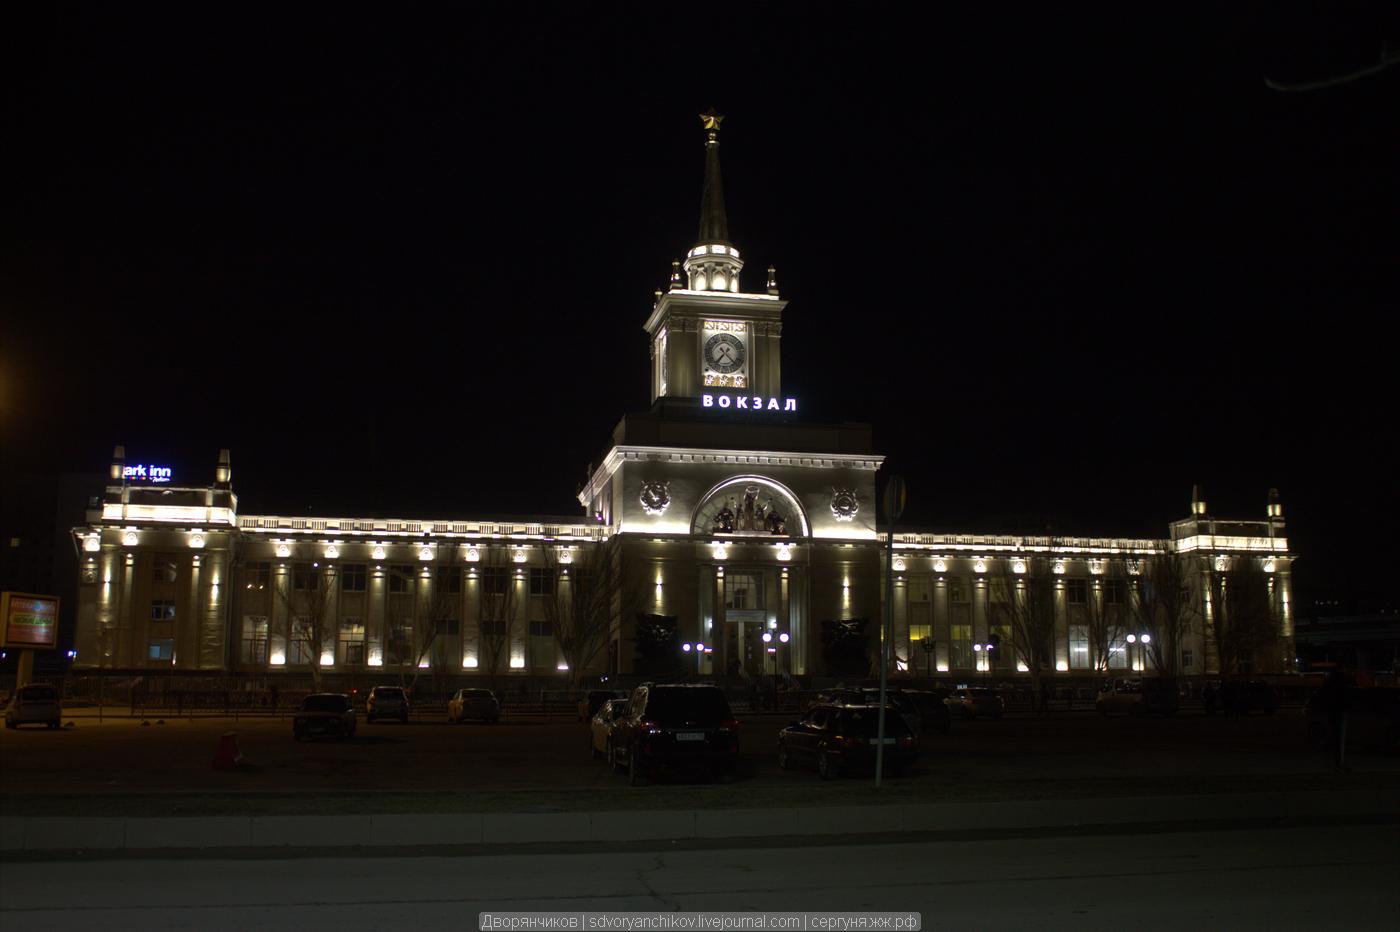 Фото вокзала в волгограде ночью